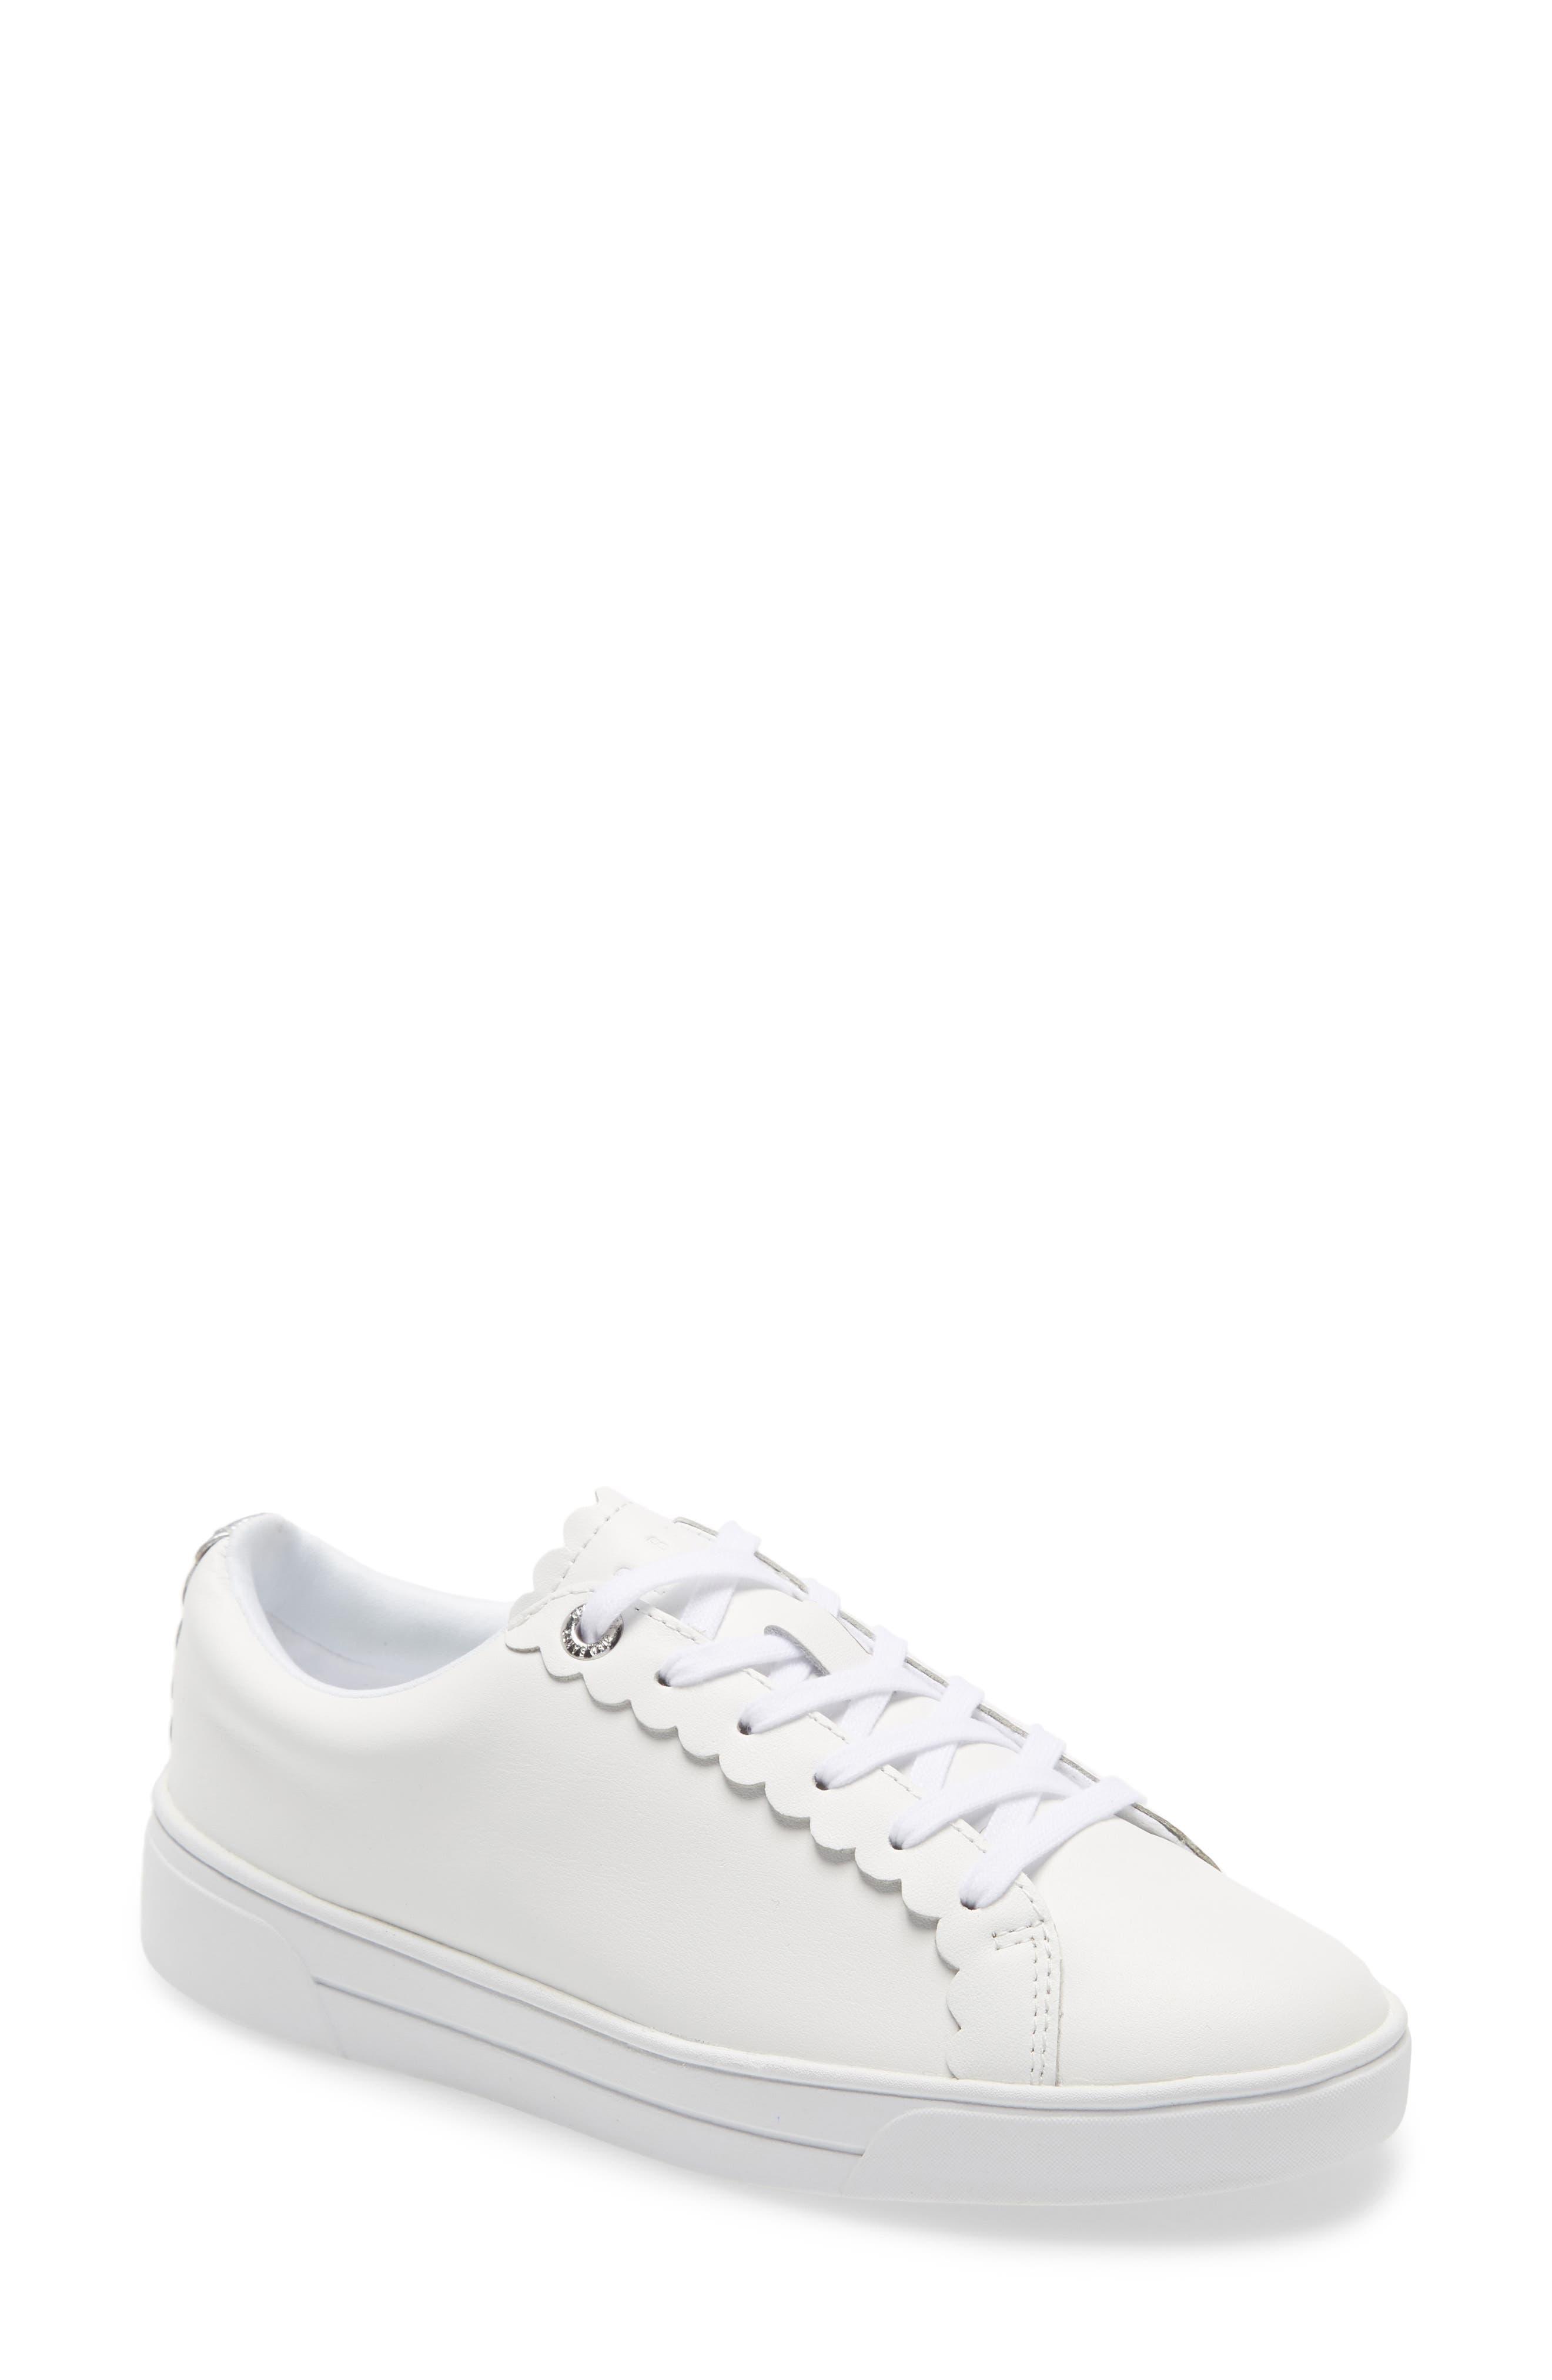 Women's Ted Baker London Sneakers